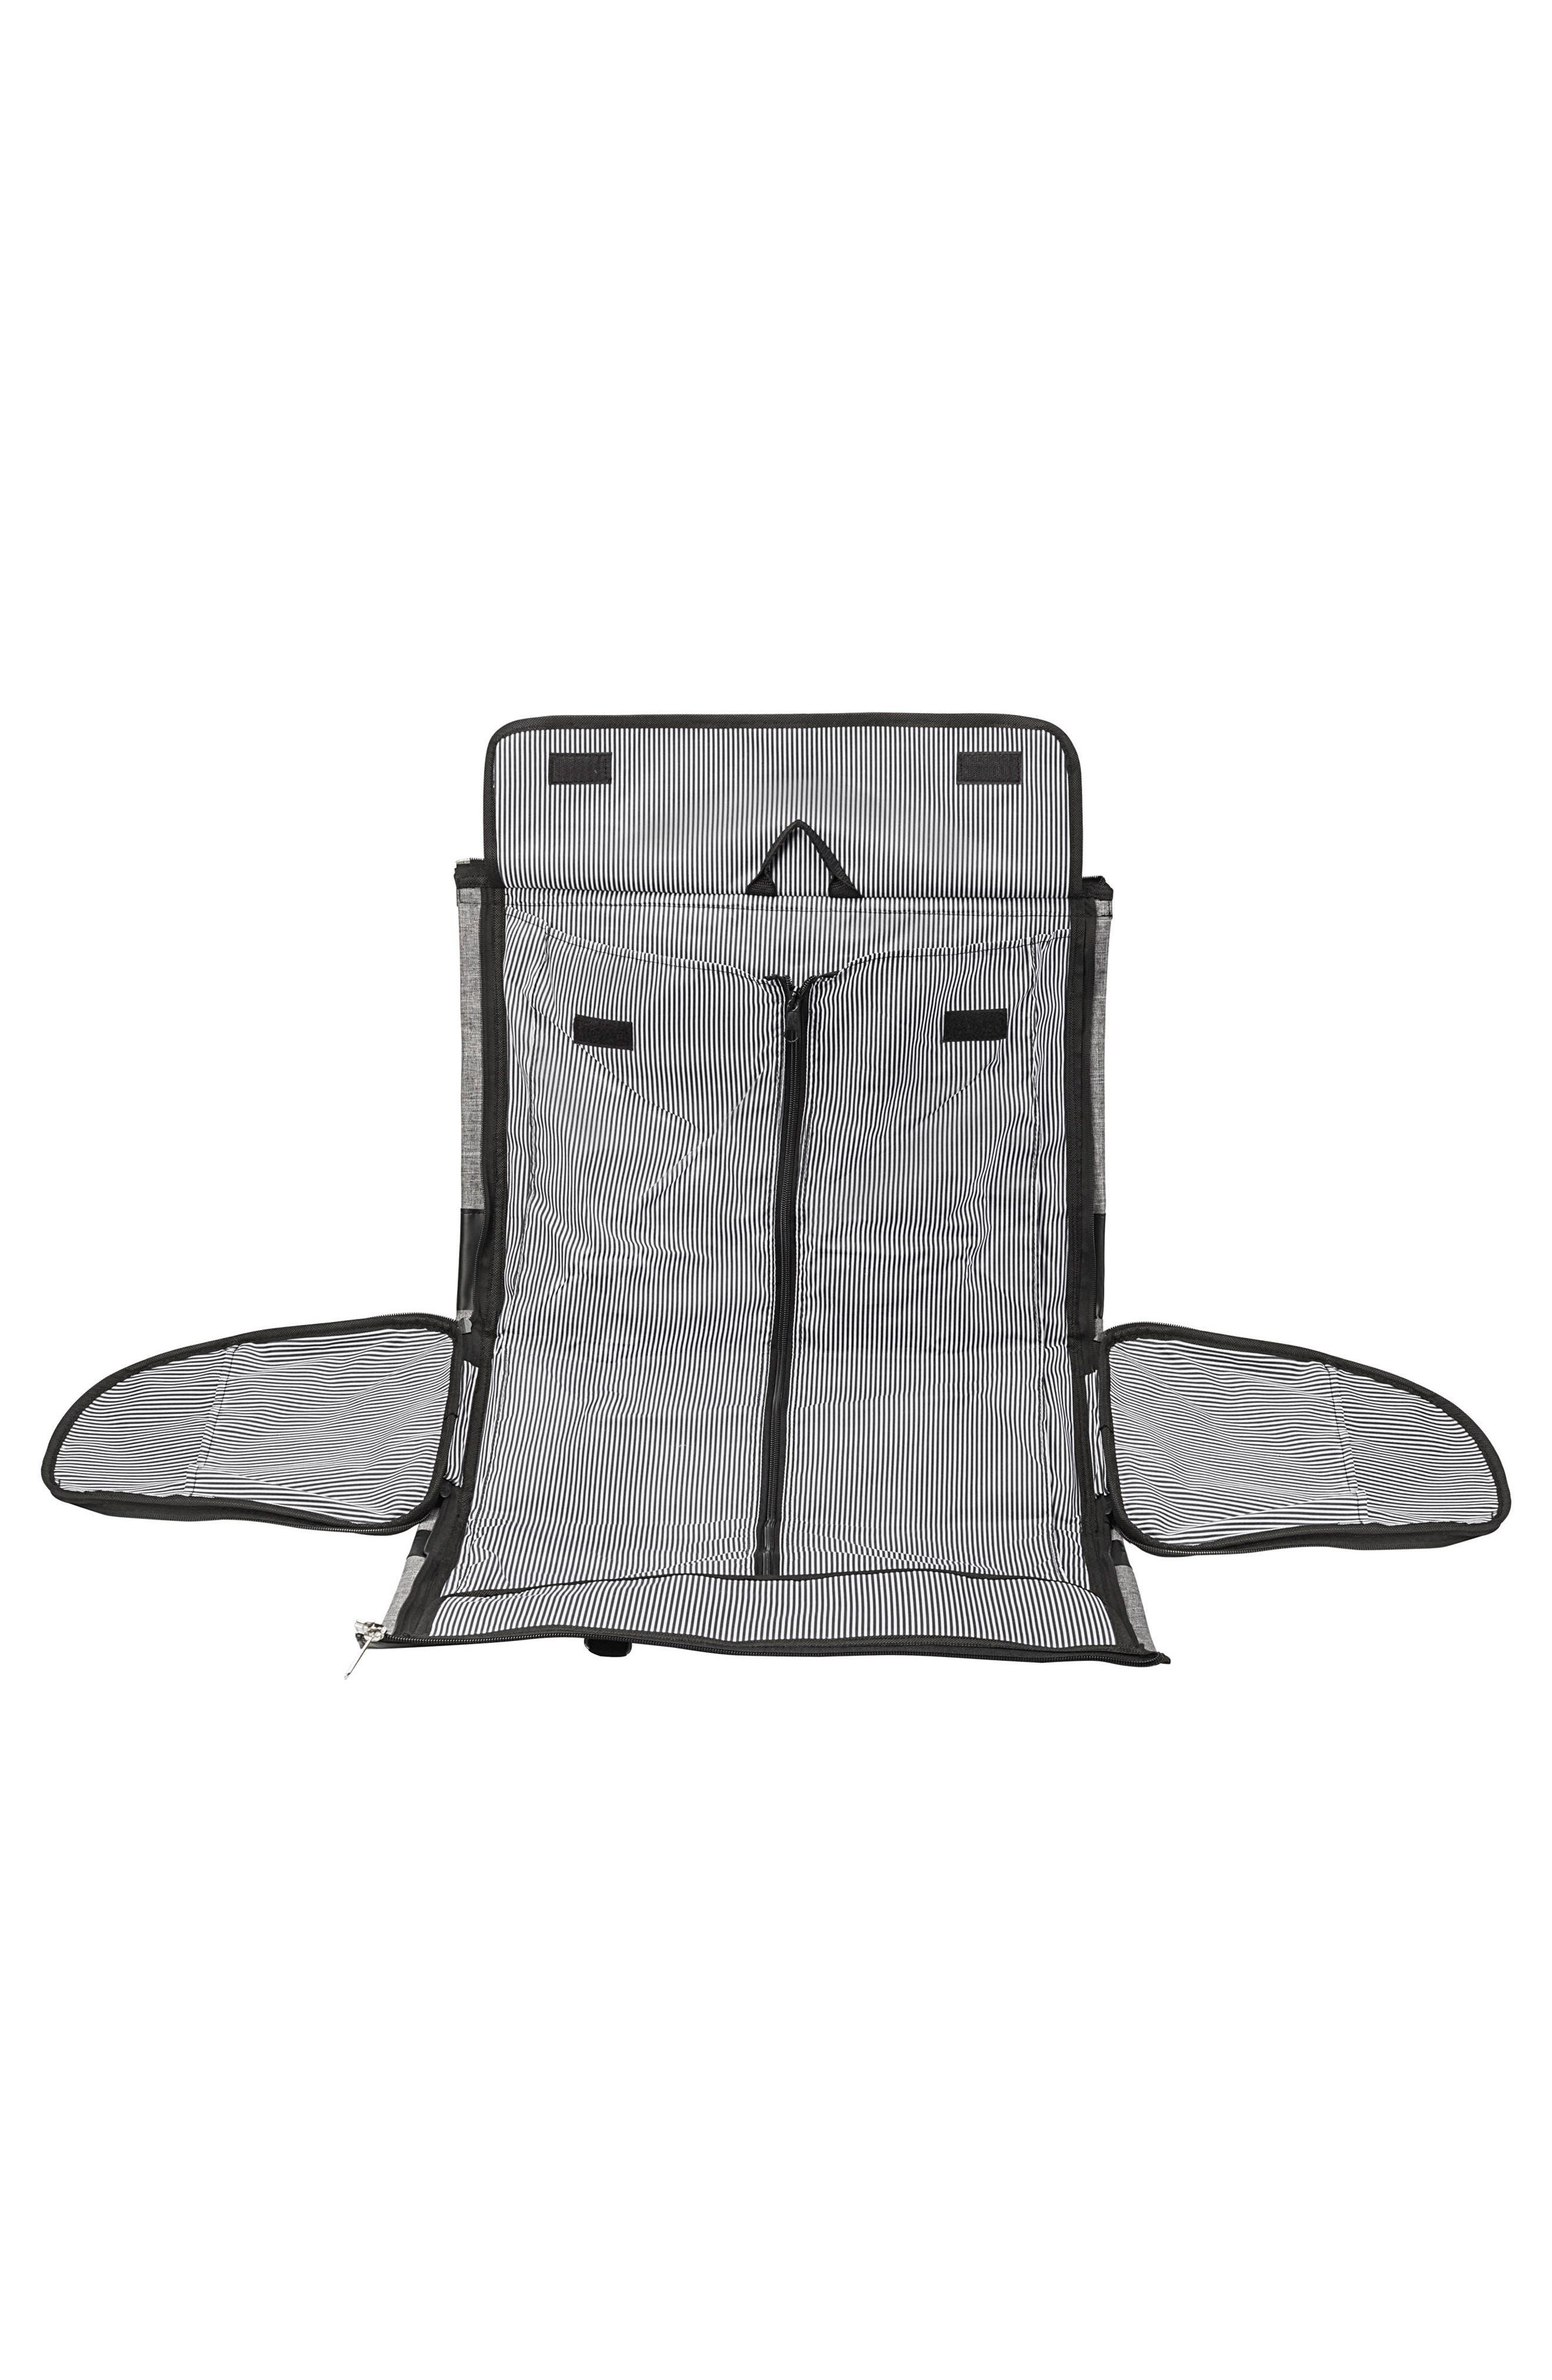 Monogram Duffel/Garment Bag,                             Alternate thumbnail 8, color,                             GREY A